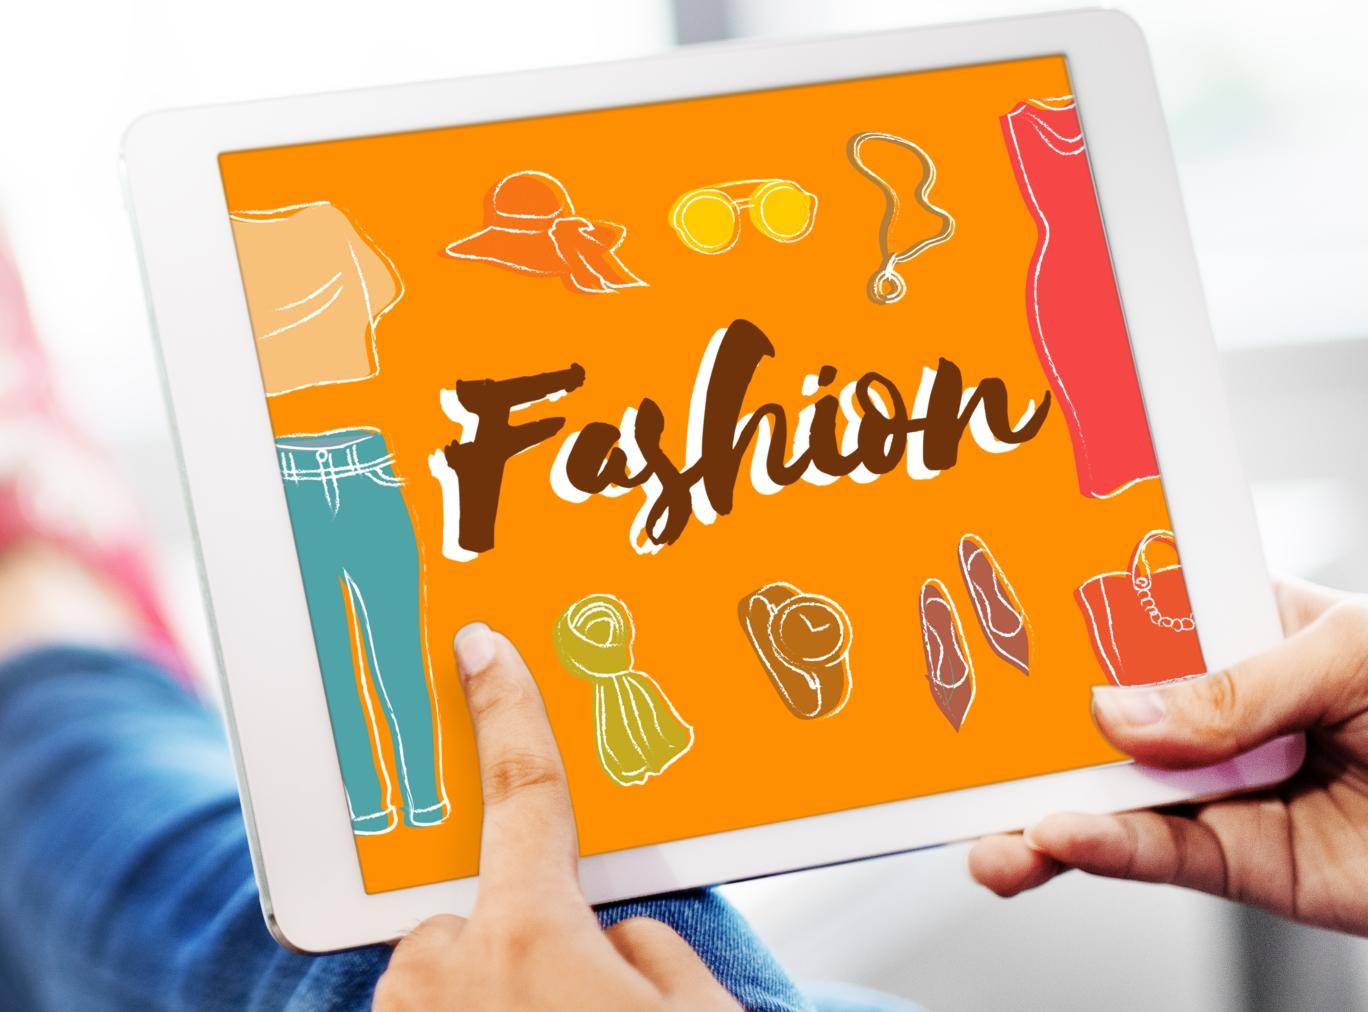 Crece cuatro veces más la venta online en moda frente a la del comercio tradicional